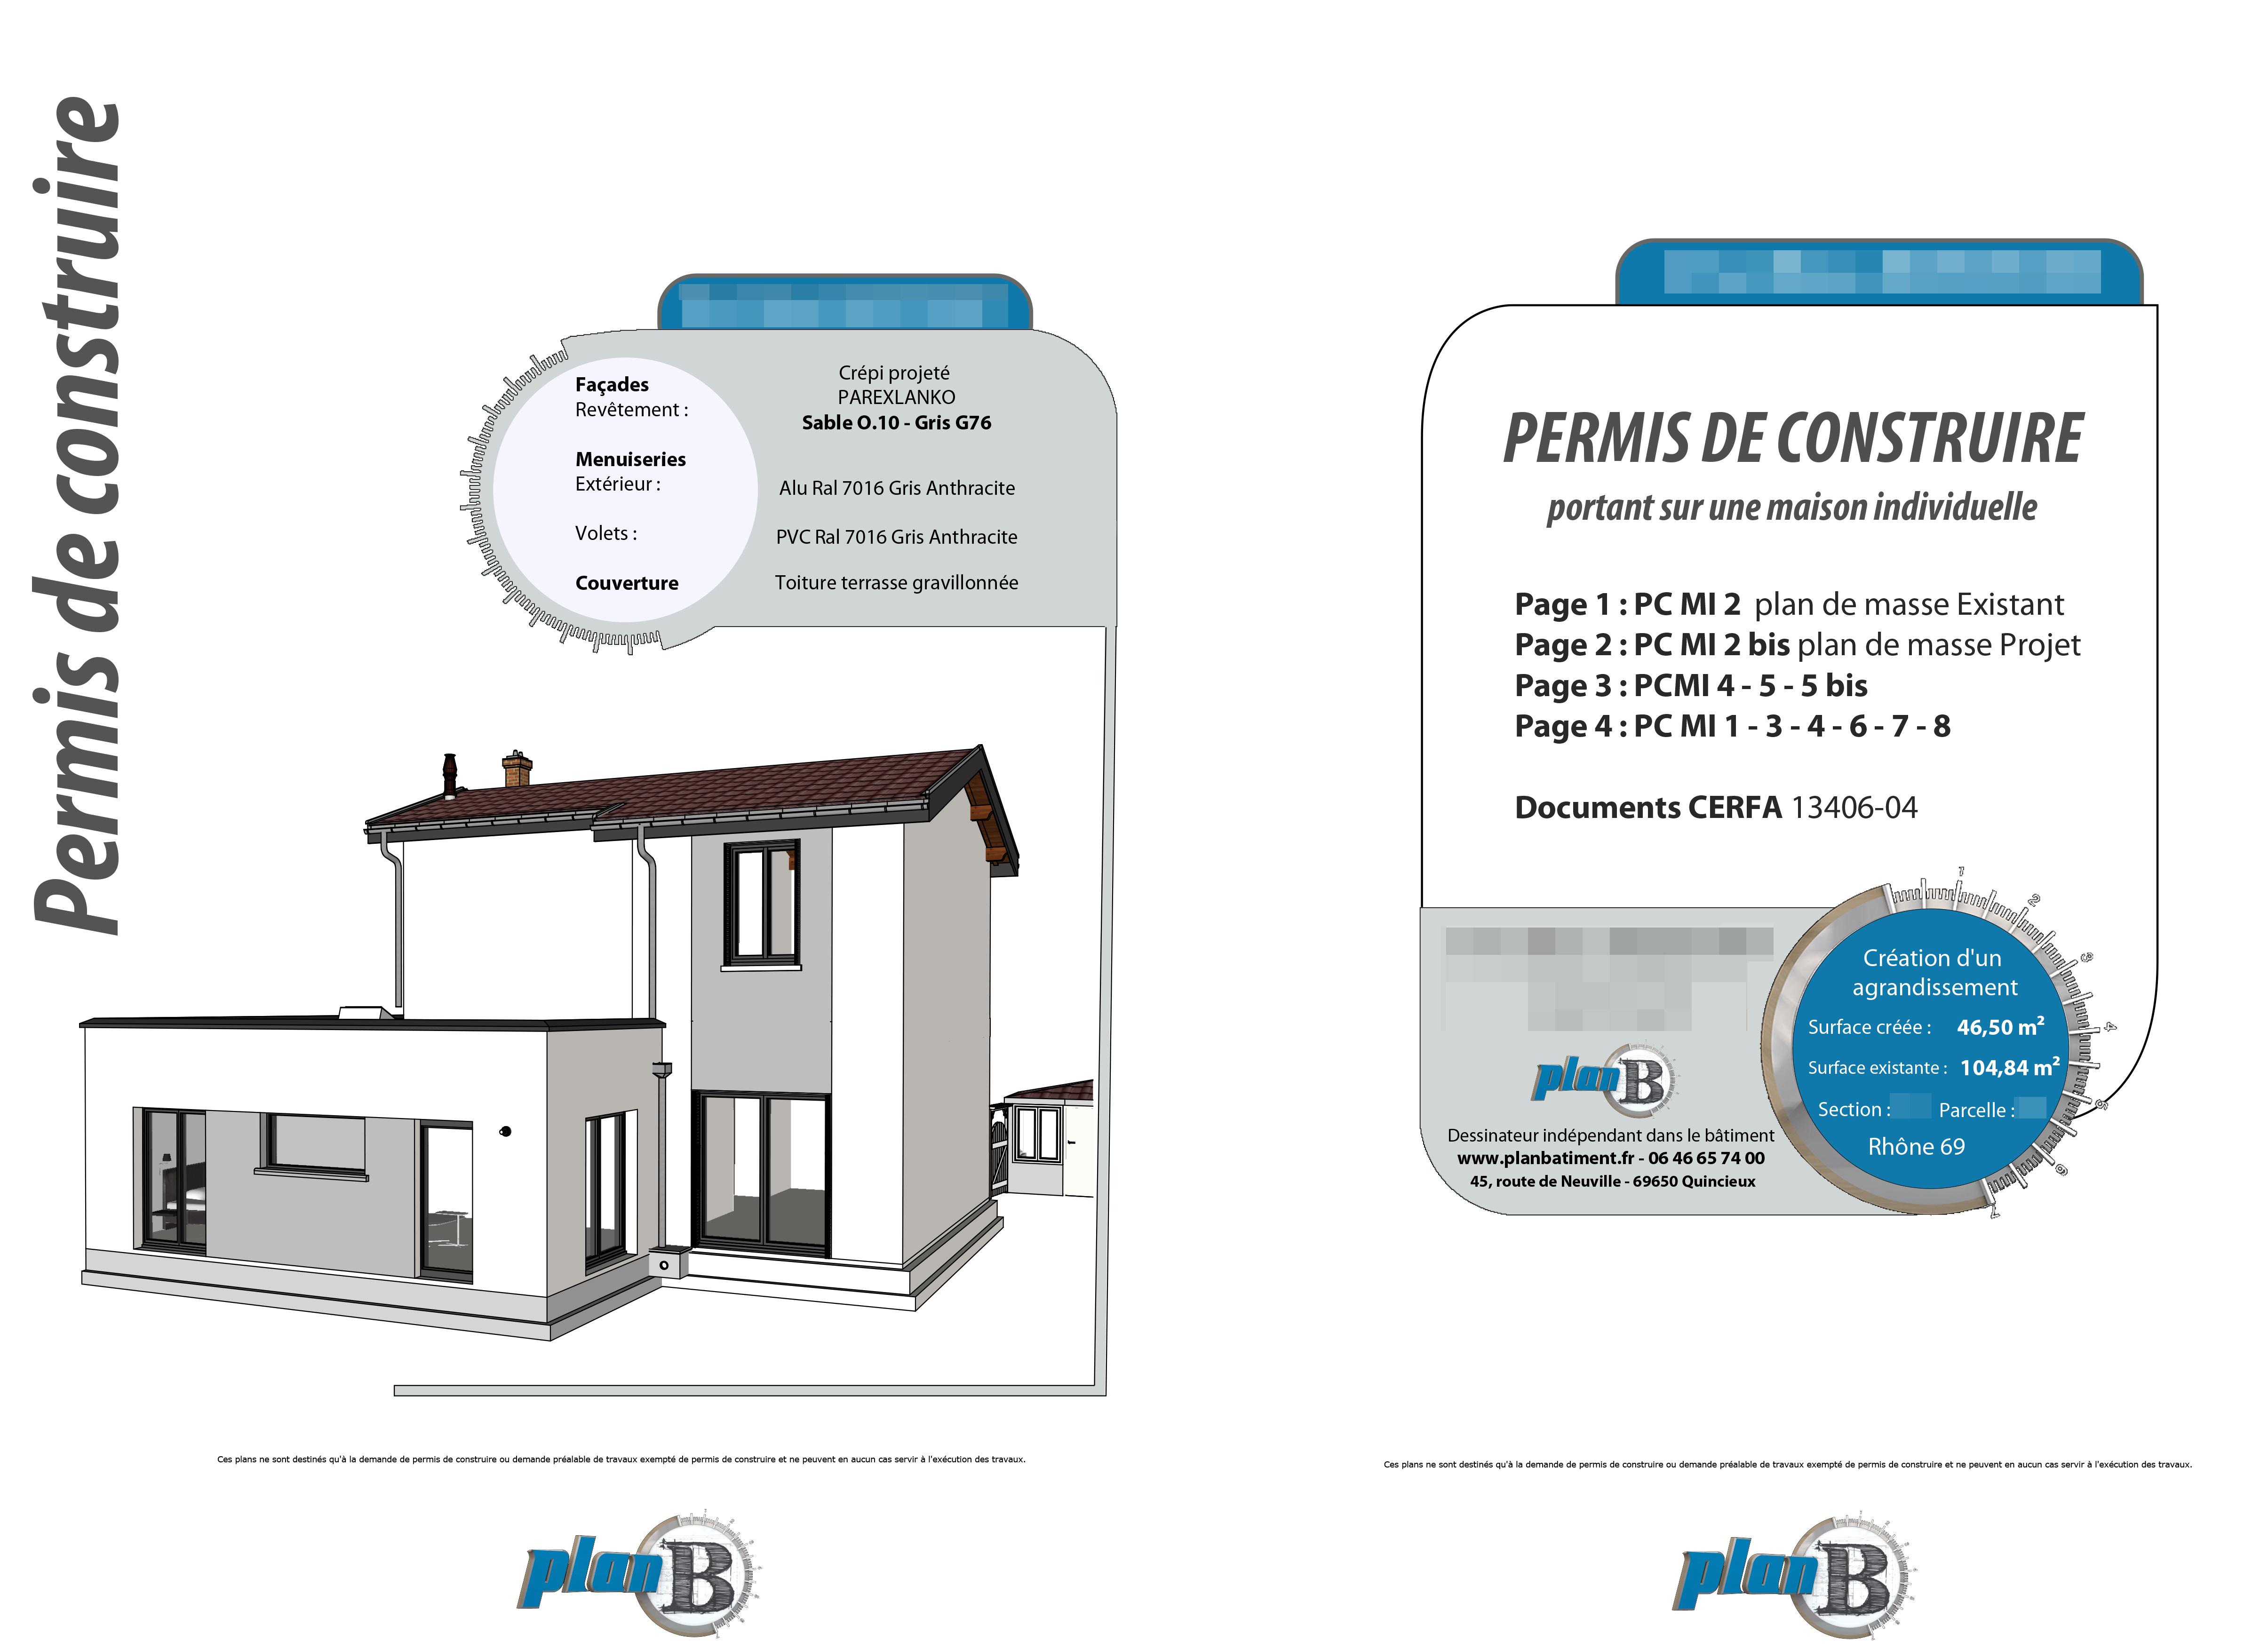 Page 1 dossier permis de construire